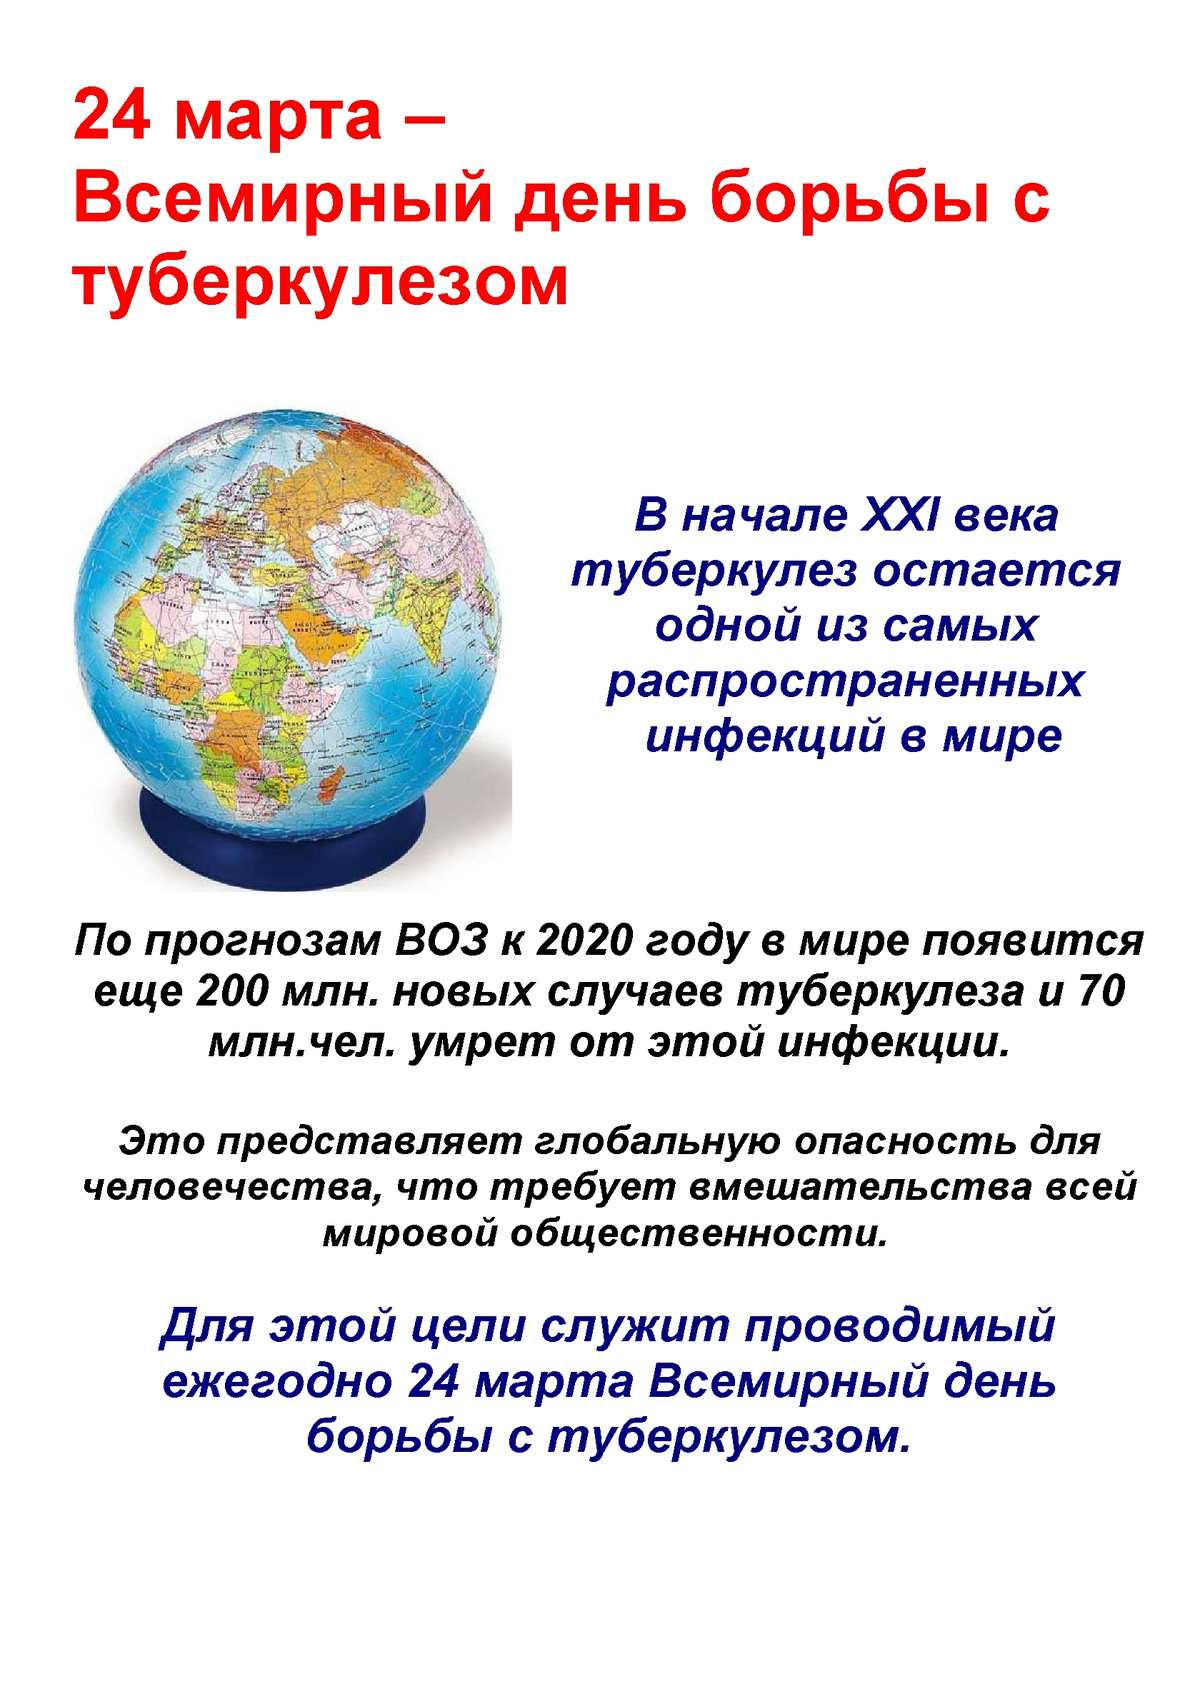 24-marta-Vsemirnyj-den-borby-s-tuberkulezom.jpg